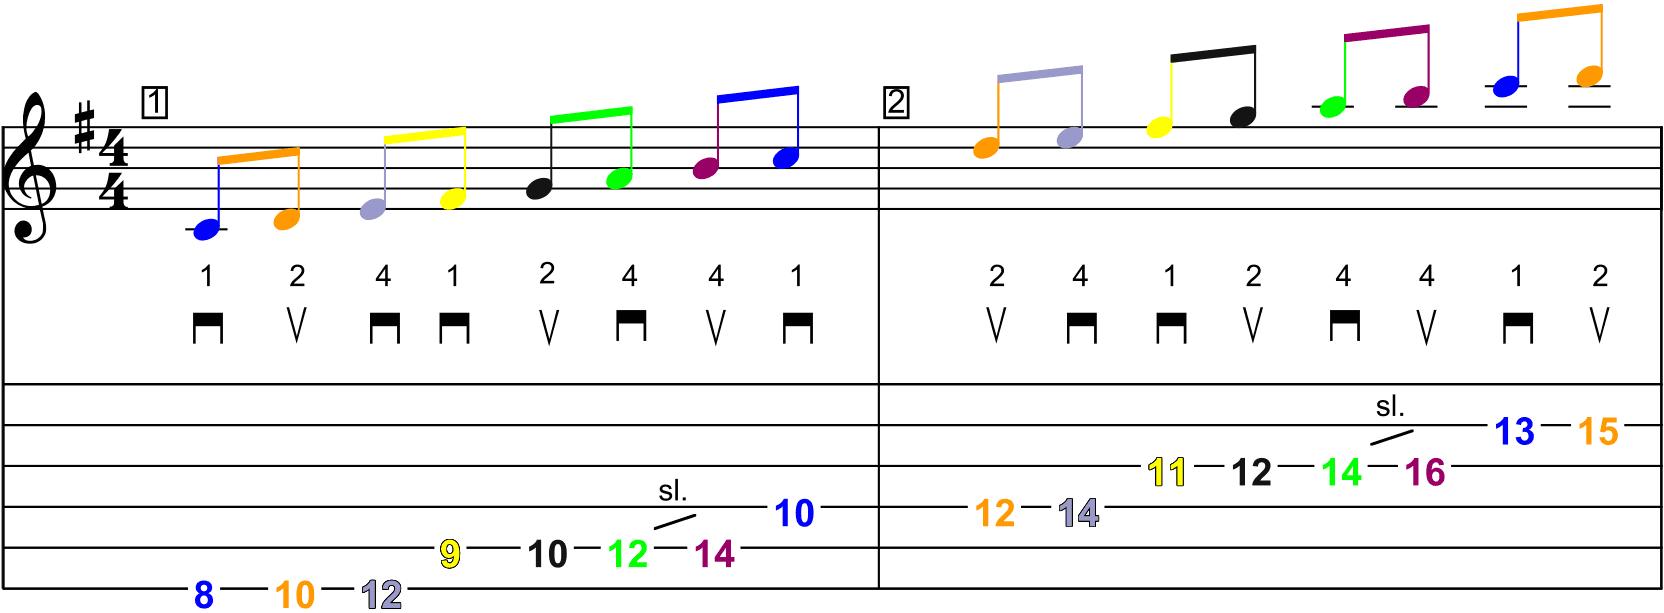 La gamme majeure de Sol en démanché (jeu latéral) - Schéma n°4 sur la partition et la tablature (page 1)